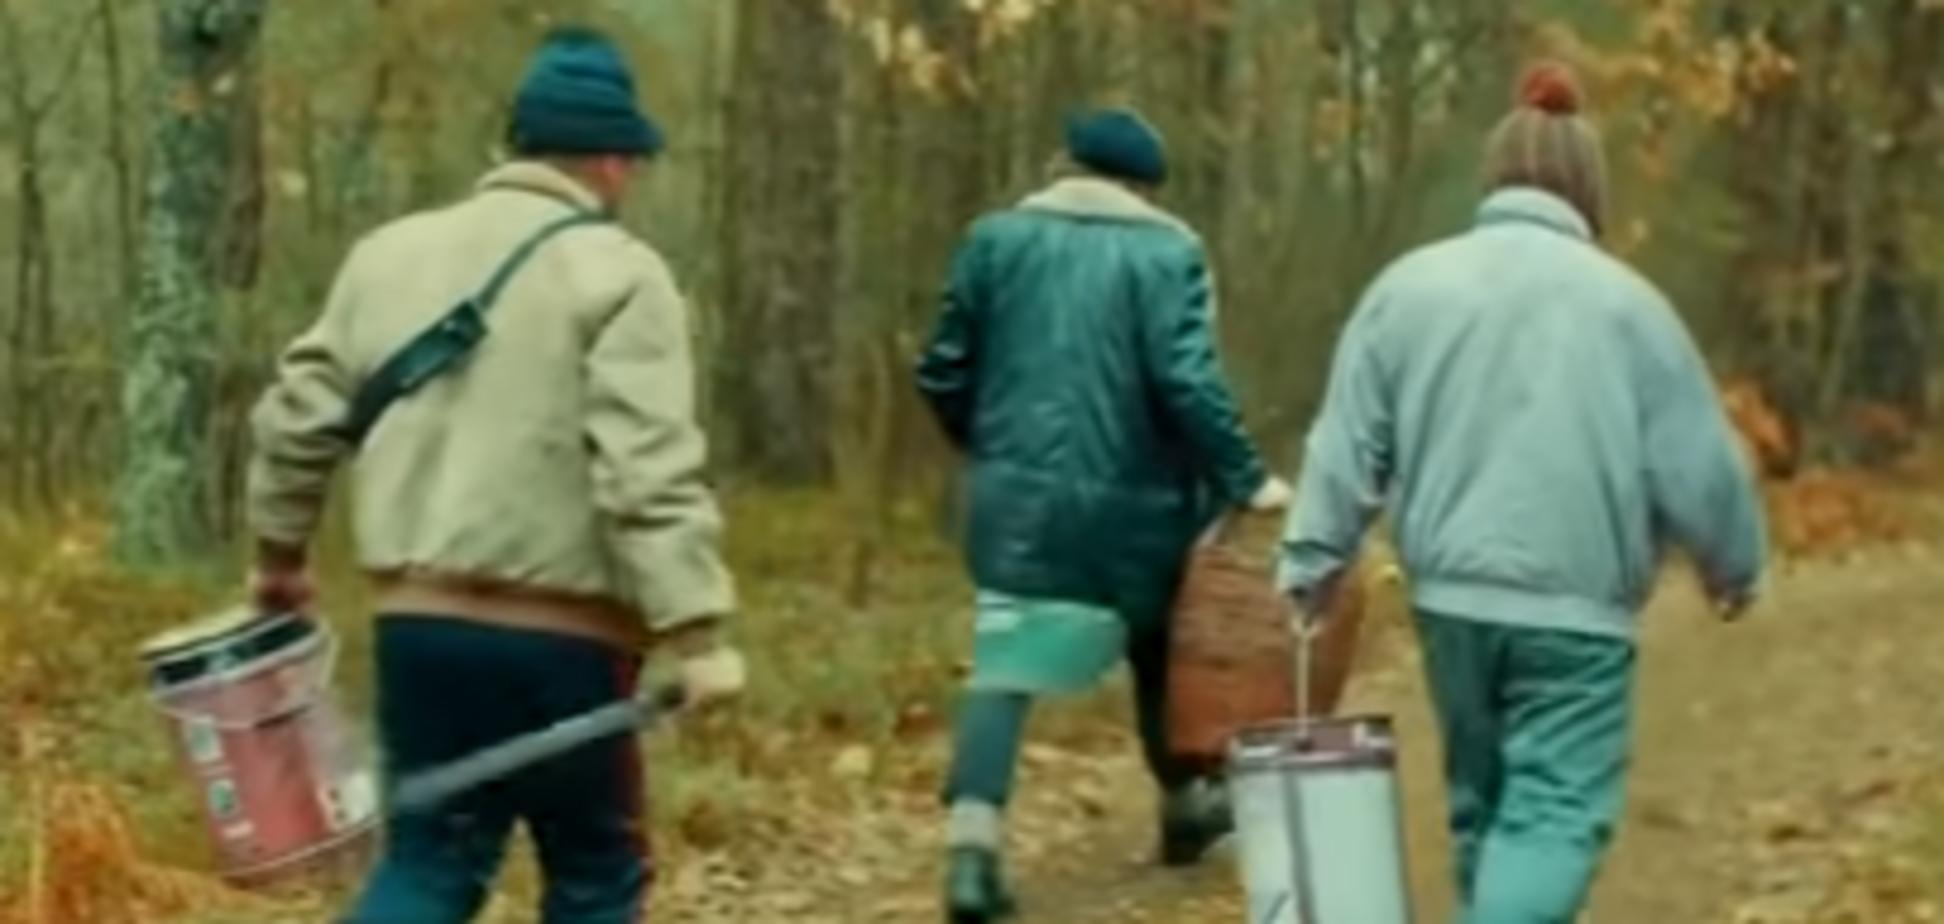 Грандиозная схема: как в Украине обкрадывают стариков и детей